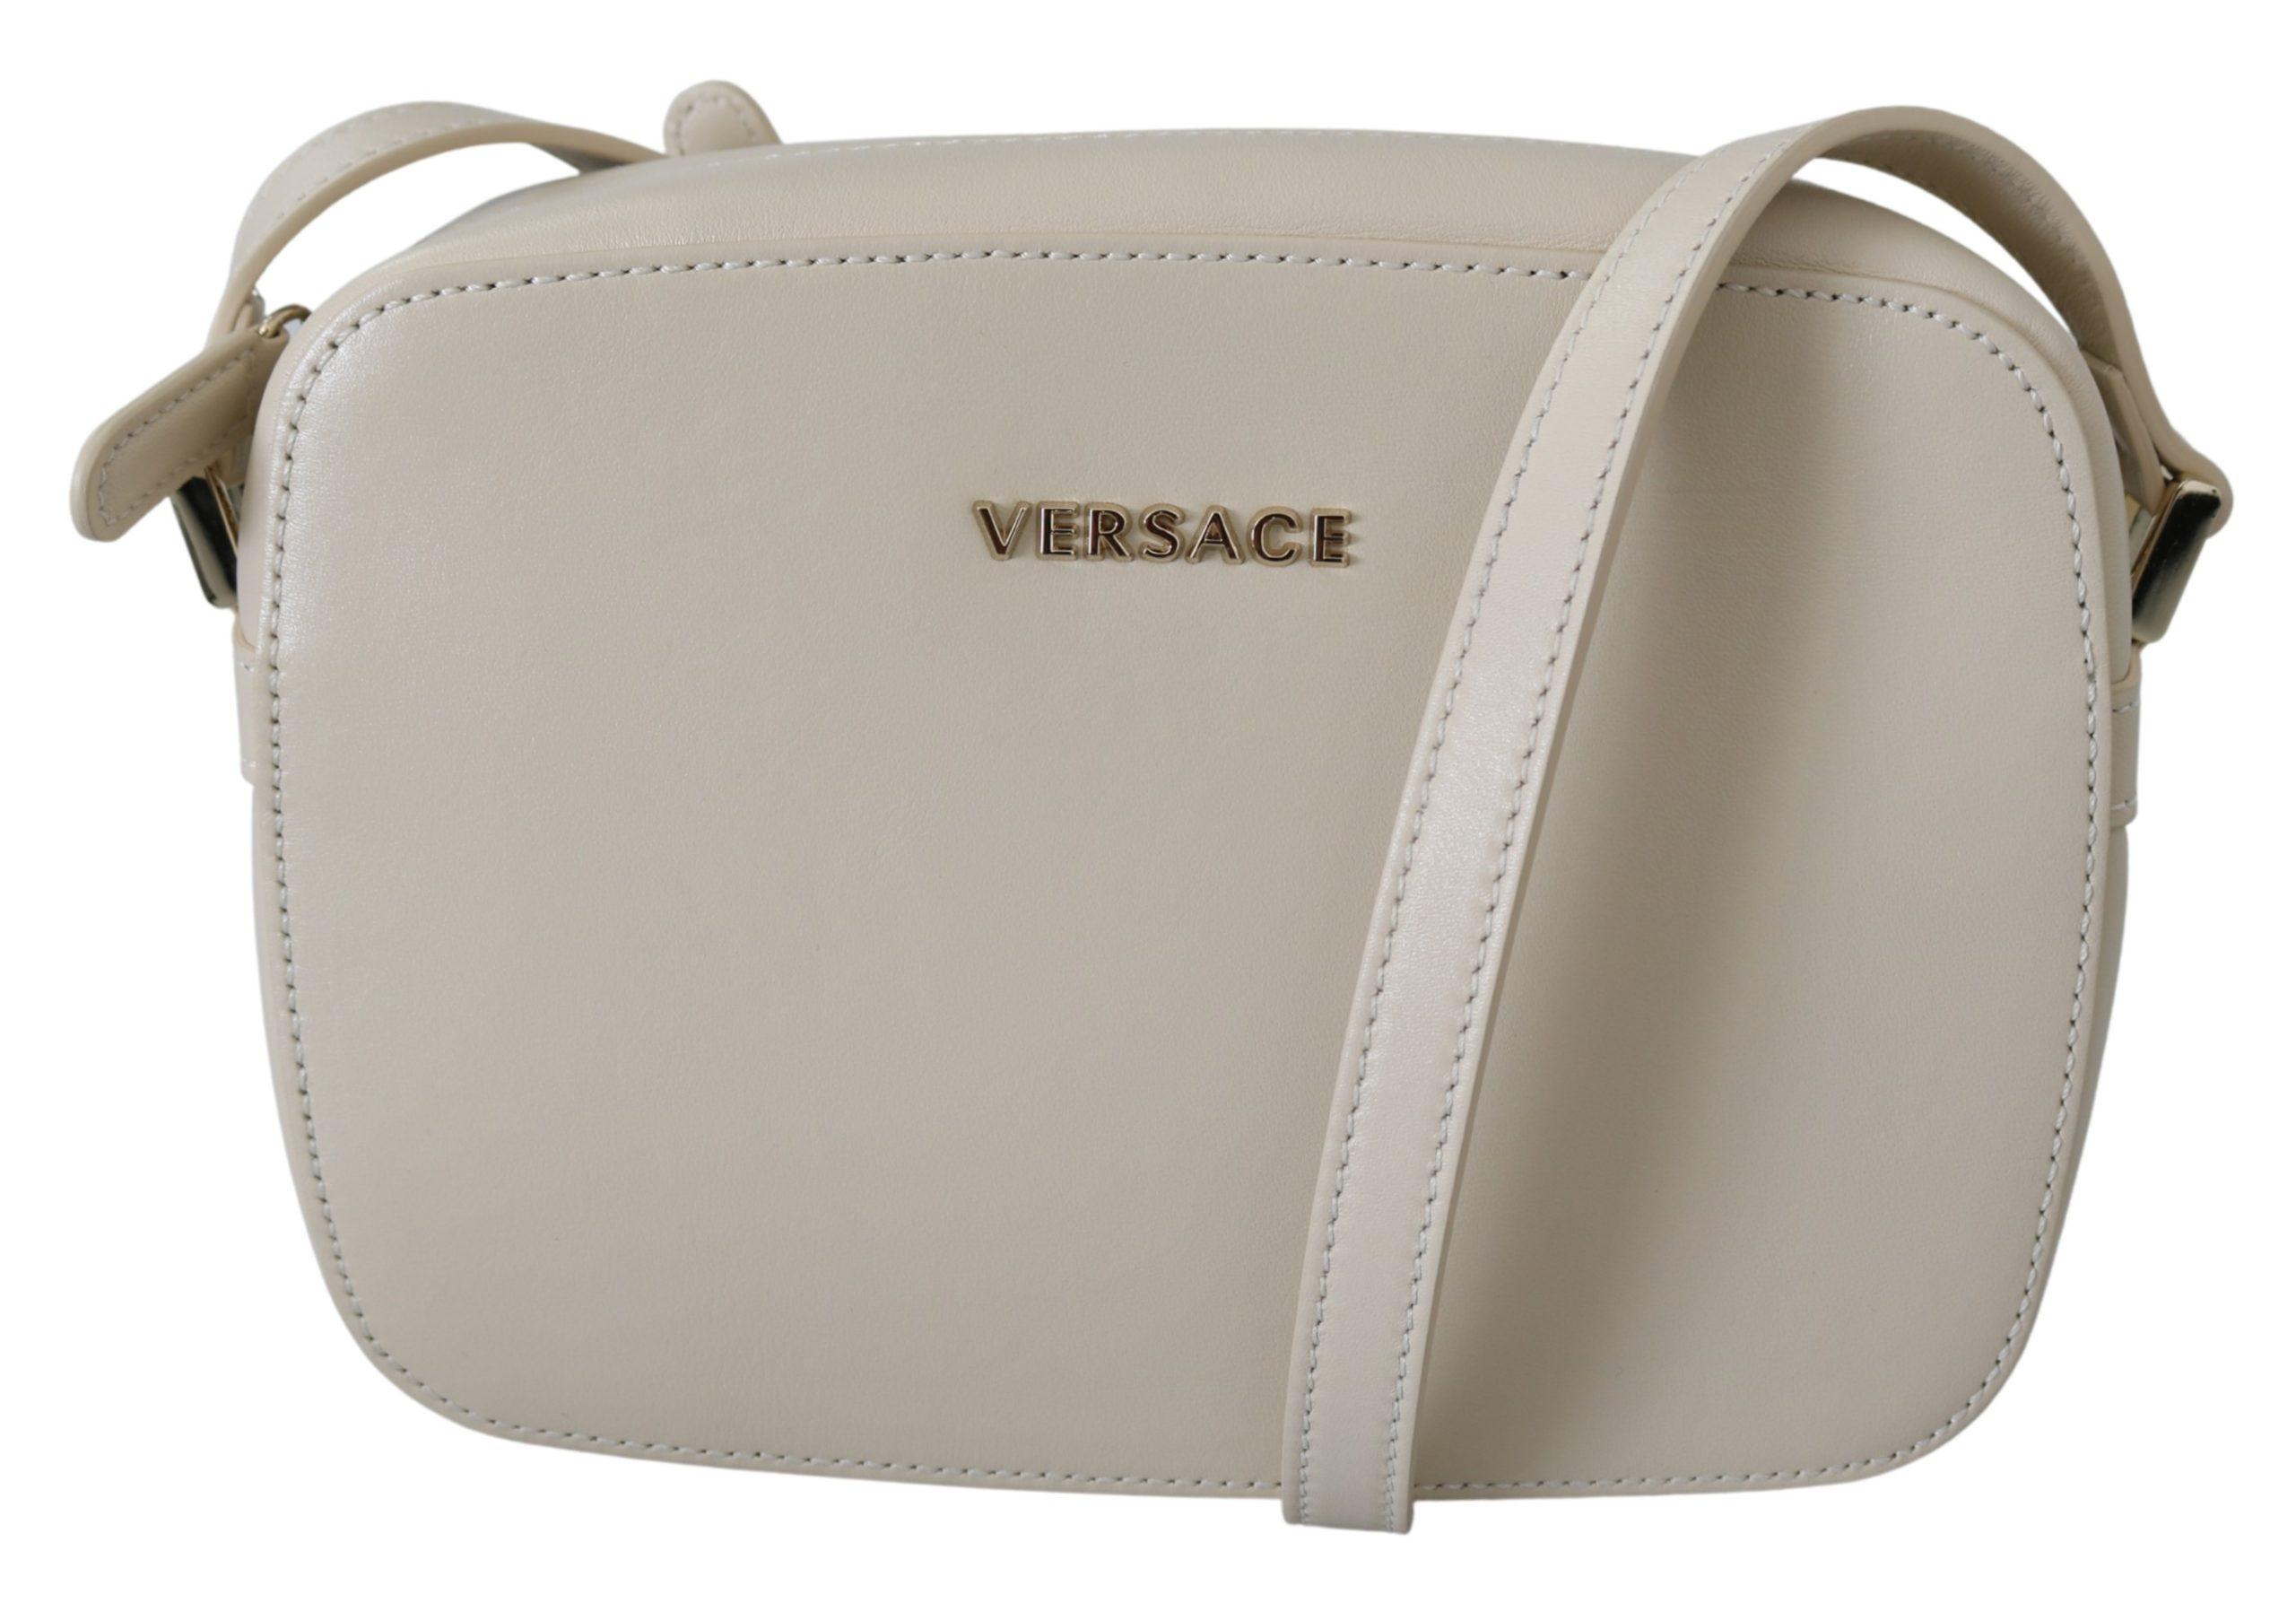 Versace Women's Leather Crossbody Bag Beige 8053850421626